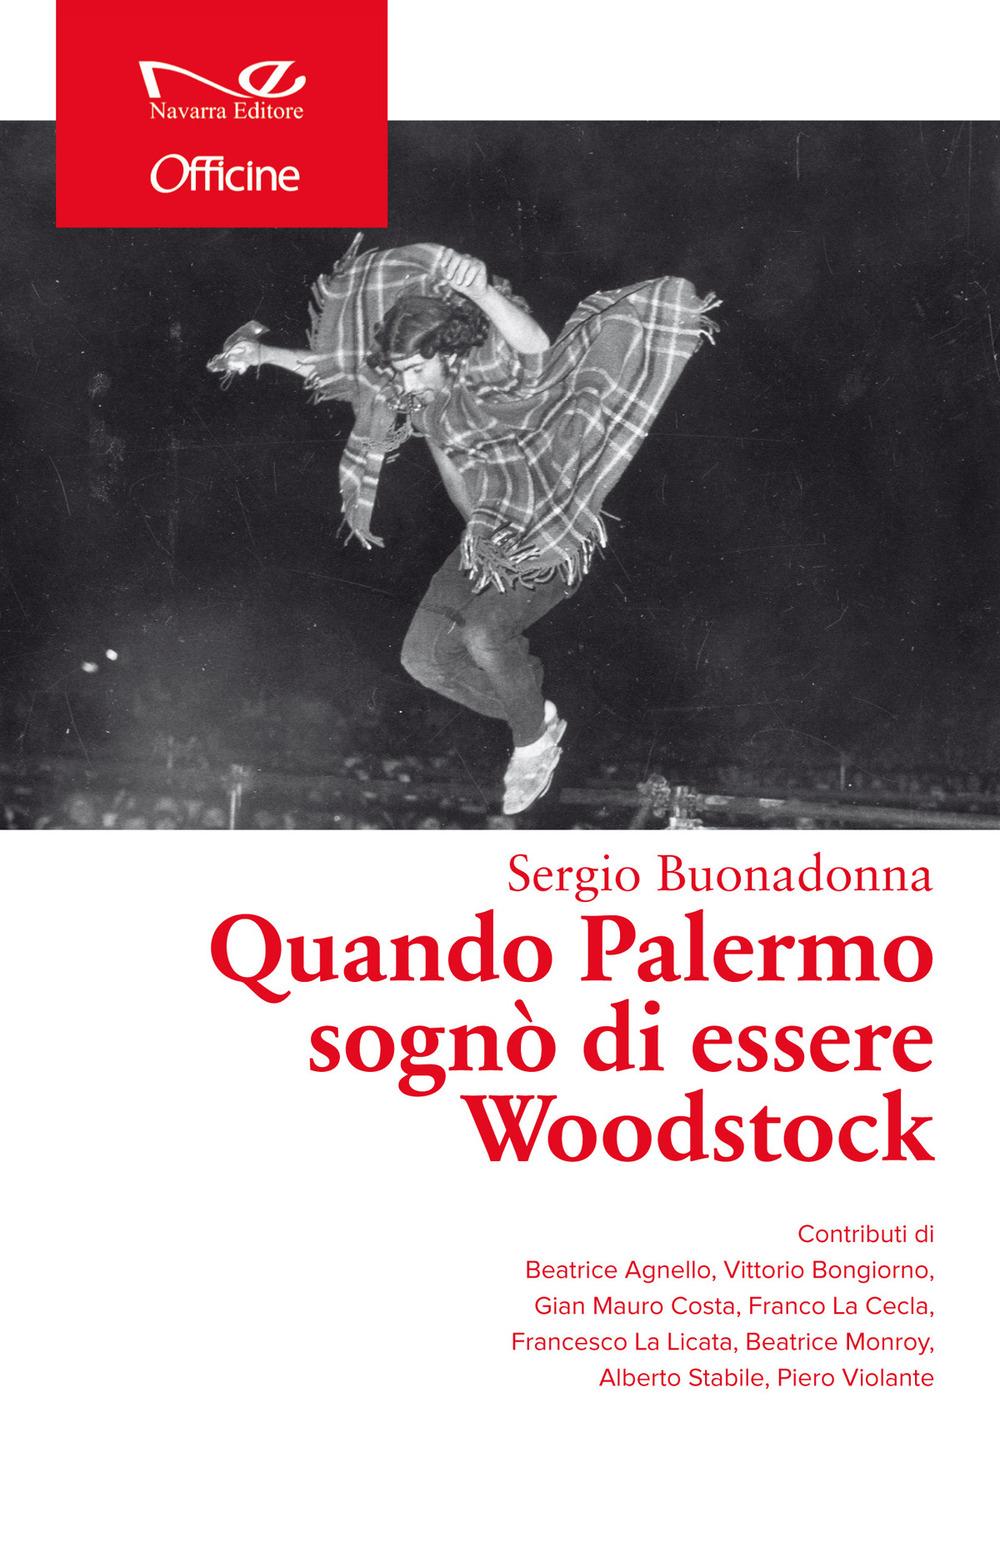 Quando Palermo sognò di essere Woodstock